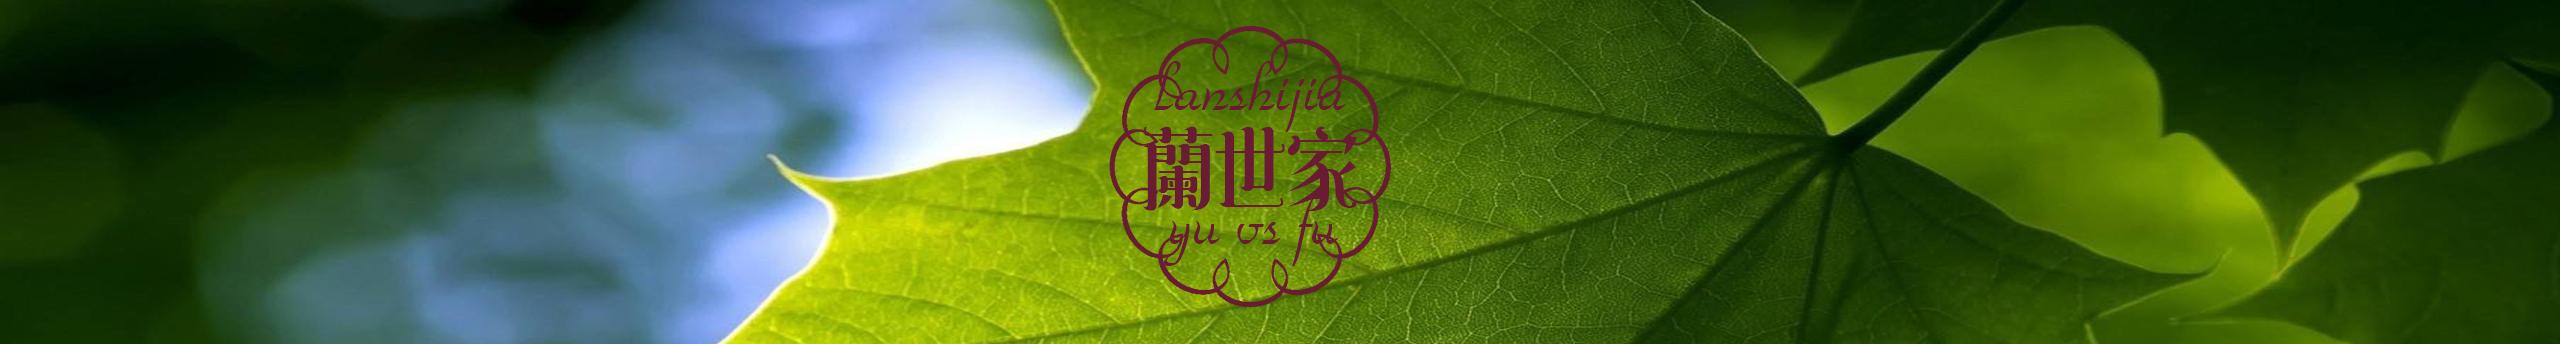 背景 壁纸 绿色 绿叶 树叶 植物 桌面 2560_344